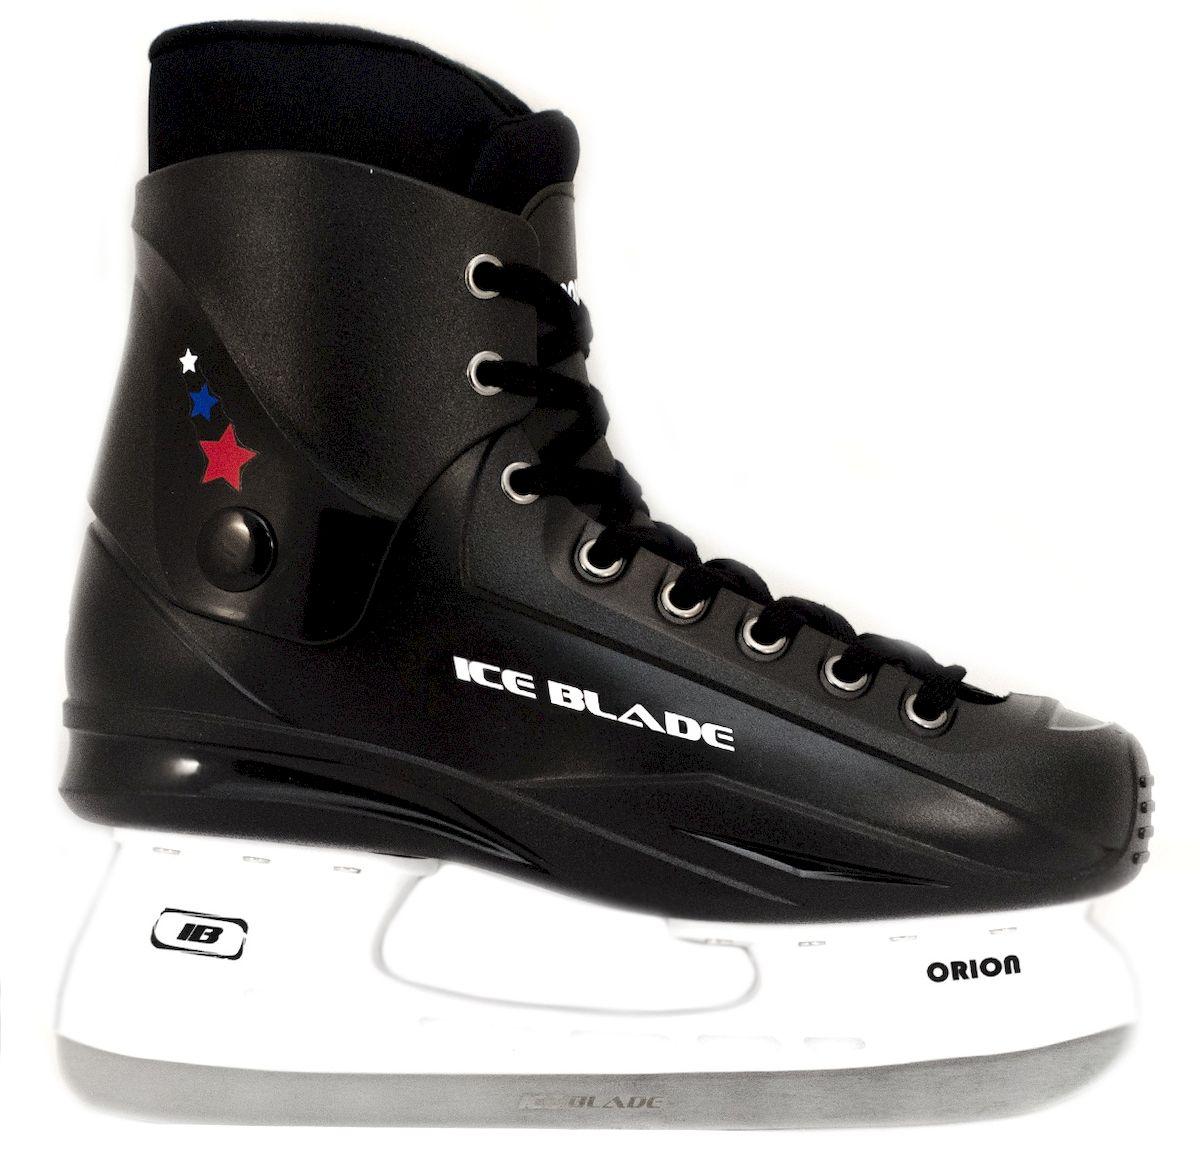 Коньки хоккейные Ice Blade Orion, цвет: черный. УТ-00004984. Размер 37Atemi Force 3.0 2012 Black-GrayКоньки хоккейные Ice Blade Orion - это хоккейные коньки для любых возрастов. Конструкция прекрасно защищает стопу, очень комфортна для активного катания, а также позволяет играть в хоккей. Легкий ботинок очень комфортный как для простого катания на льду, так и для любительского хоккея. Ботинок выполнен из высококачественного морозостойкого пластика и нейлоновой сетки. Внутренний сапожок утеплен мягким и дышащим вельветом, а язычок усилен специальной вставкой для большей безопасности стопы. Лезвие изготовлено из высокоуглеродистой стали, что гарантирует прочность и долговечность.Удобная система фиксации ноги и улучшенная колодка сделают катание комфортным и безопасным.